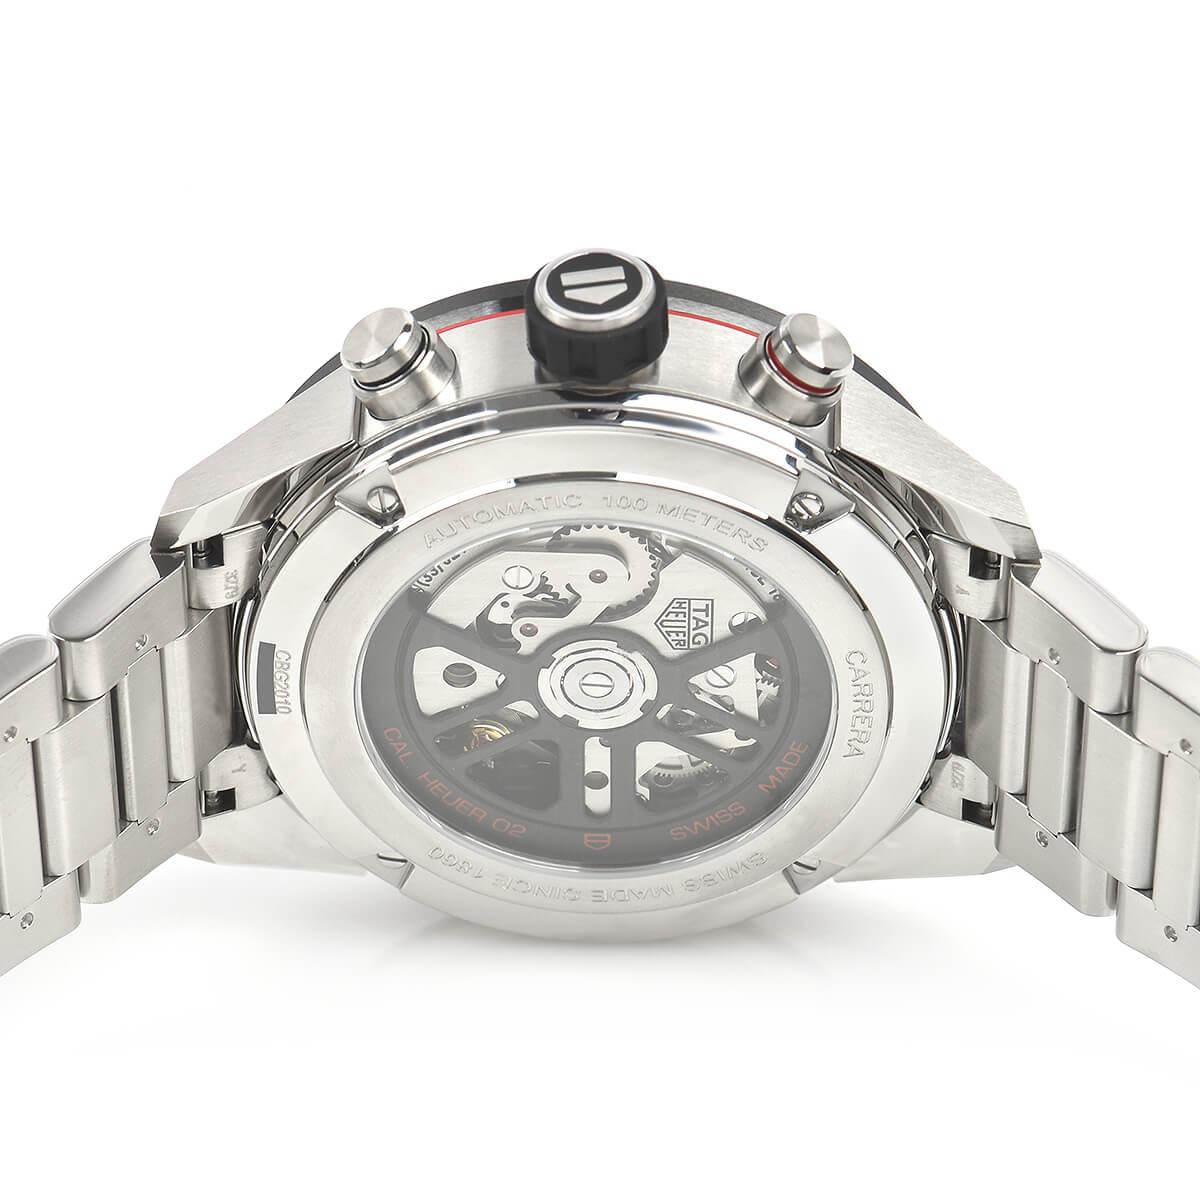 タグ・ホイヤー TAG HEUER カレラ キャリバーホイヤー02 クロノグラフ 43mm CBG2010.BA0662【新品】メンズ 腕時計 送料・代引手数料無料